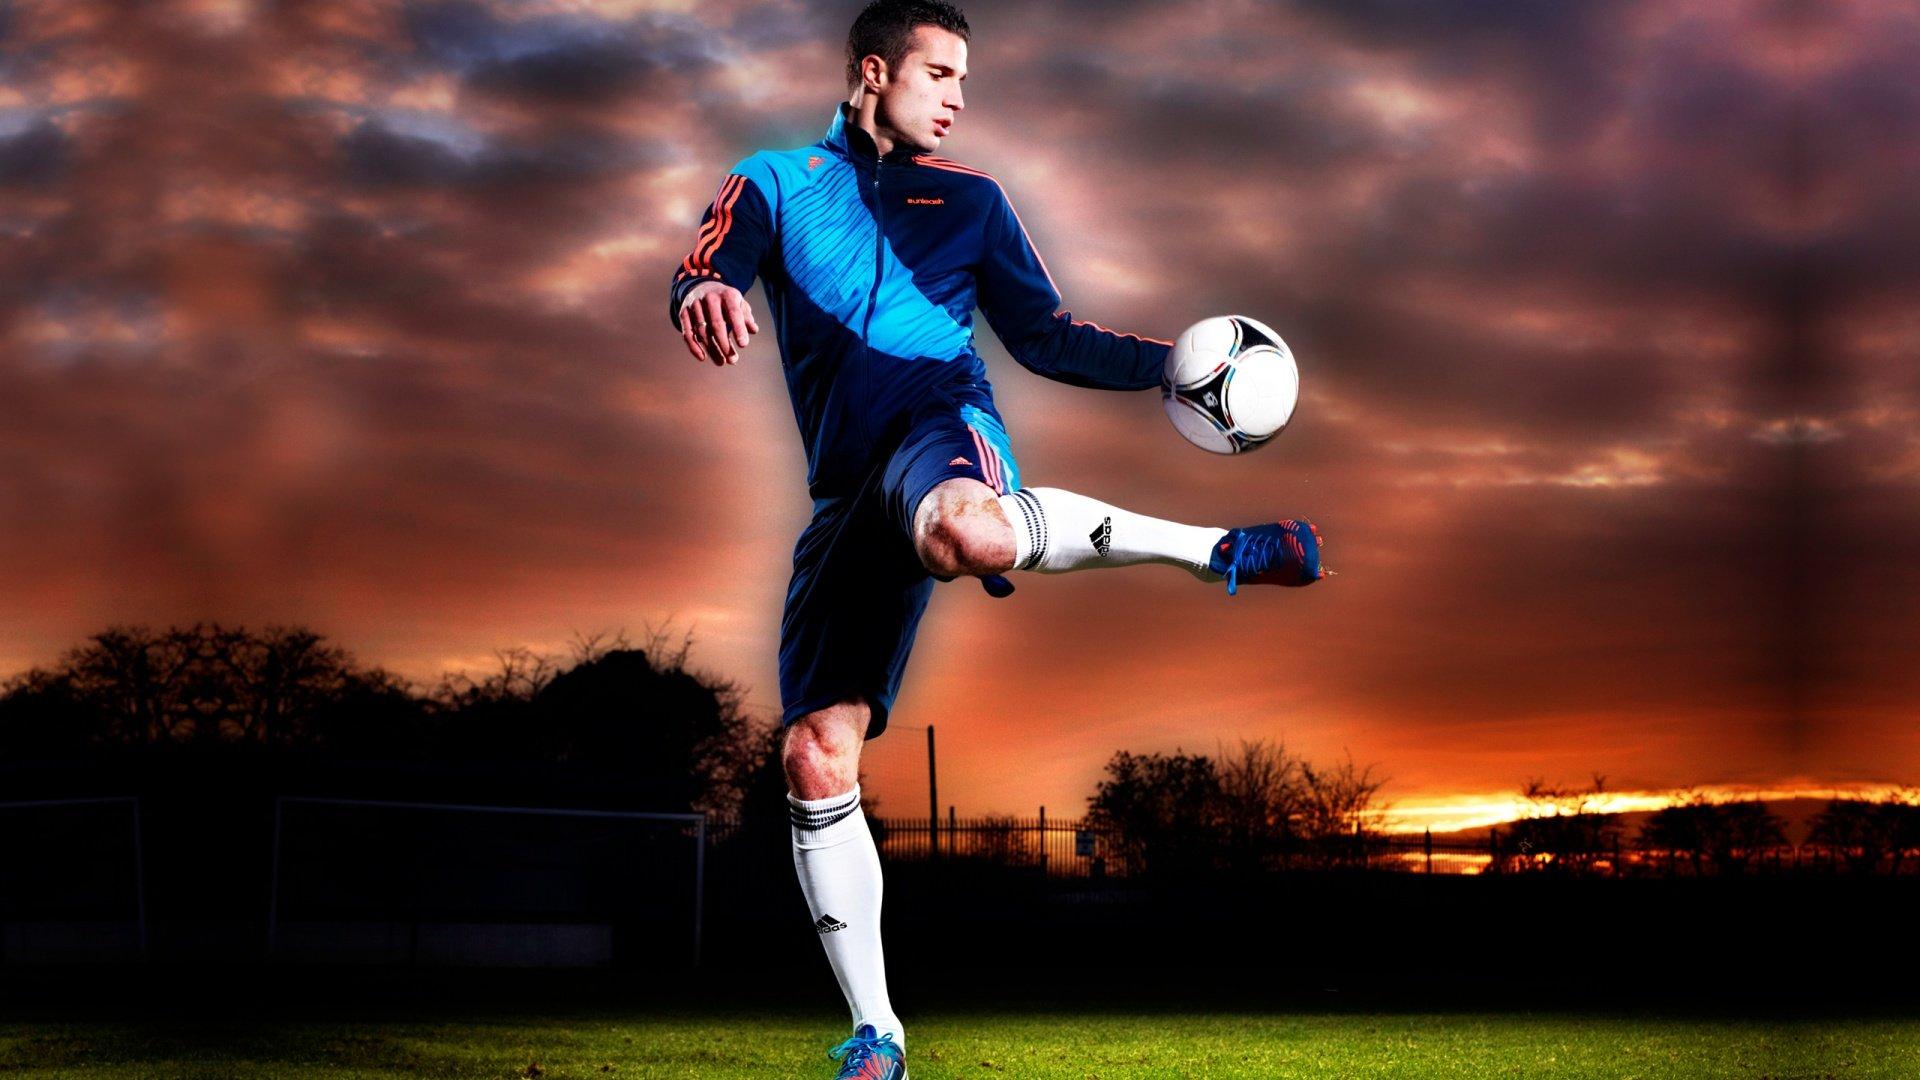 учится лучшей для фон фото футбол лето прошло